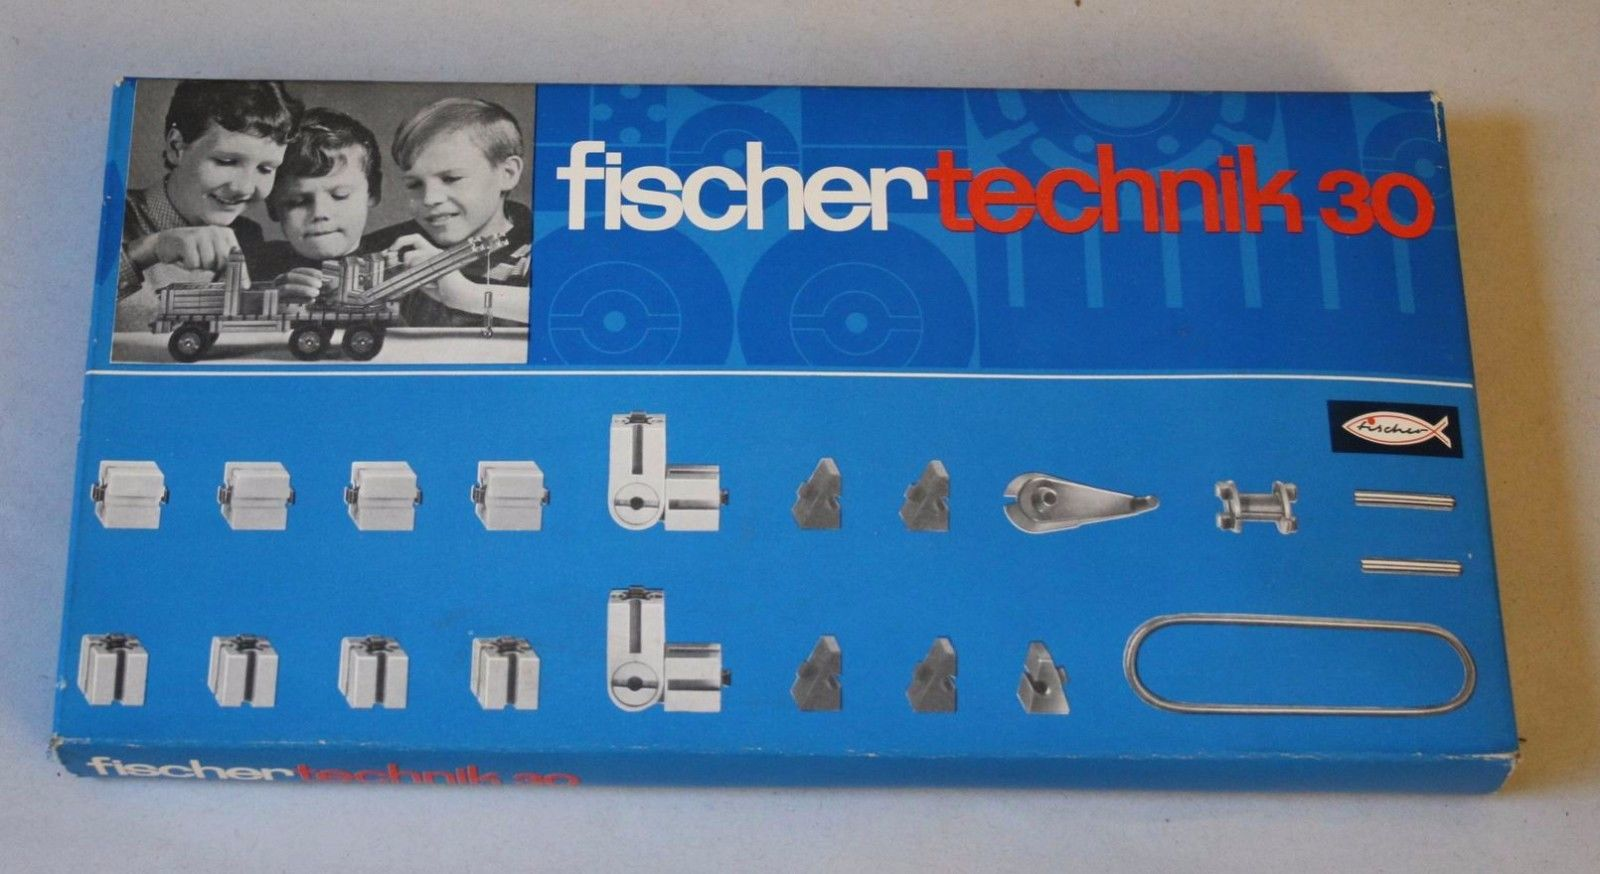 История инженерных конструкторов fischertechnik - 5